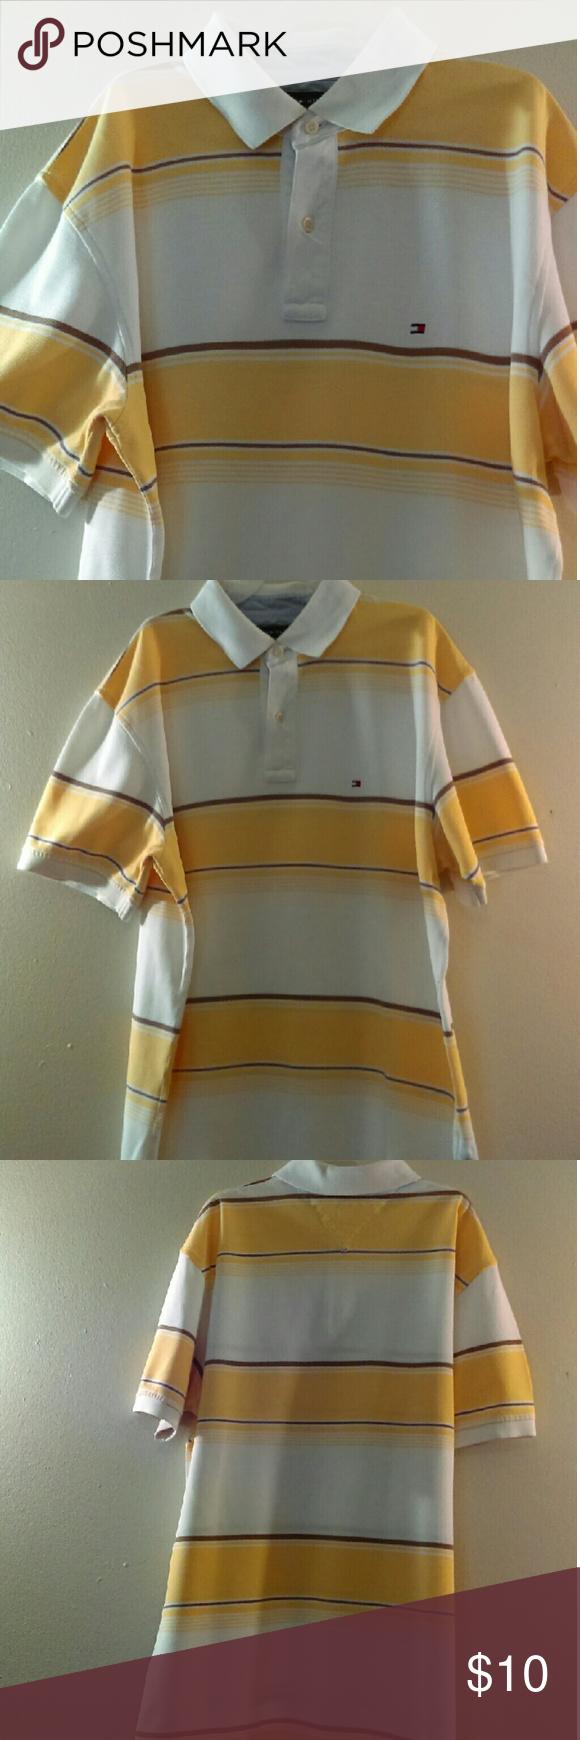 Men's Tommy Hilfiger polo Mint condition men's Tommy Hilfiger polo shirt Tommy Hilfiger Shirts Polos